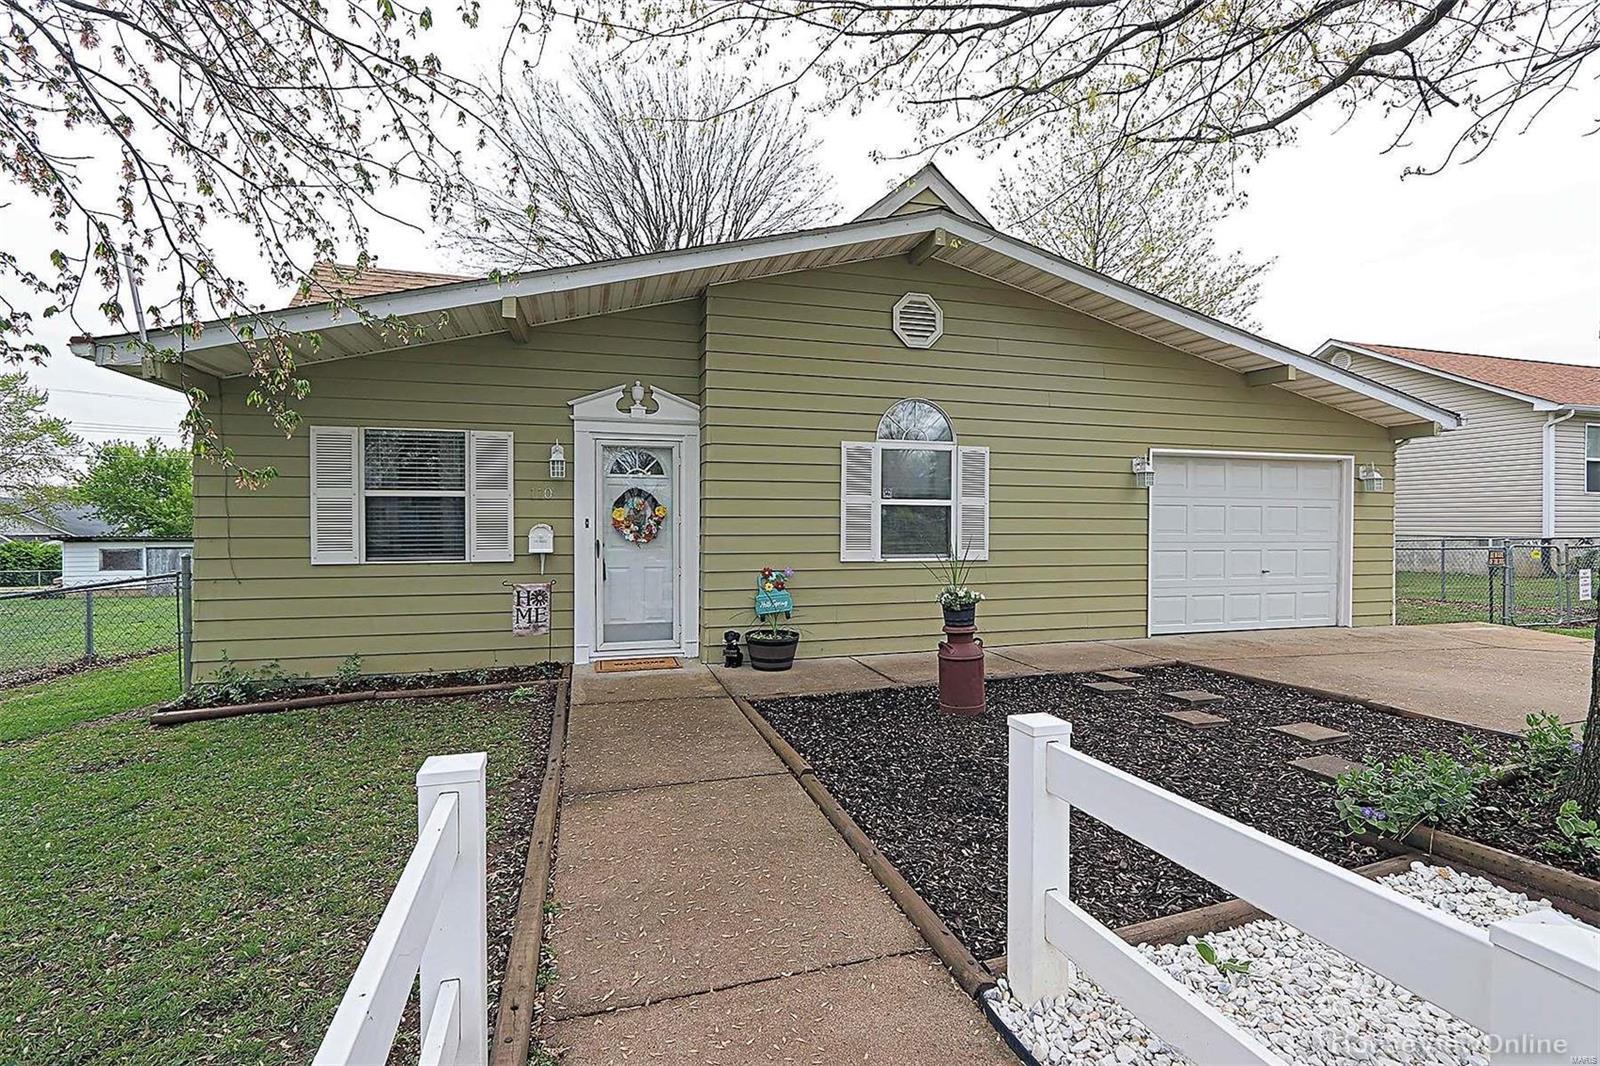 110 N Waller Property Photo - Desloge, MO real estate listing